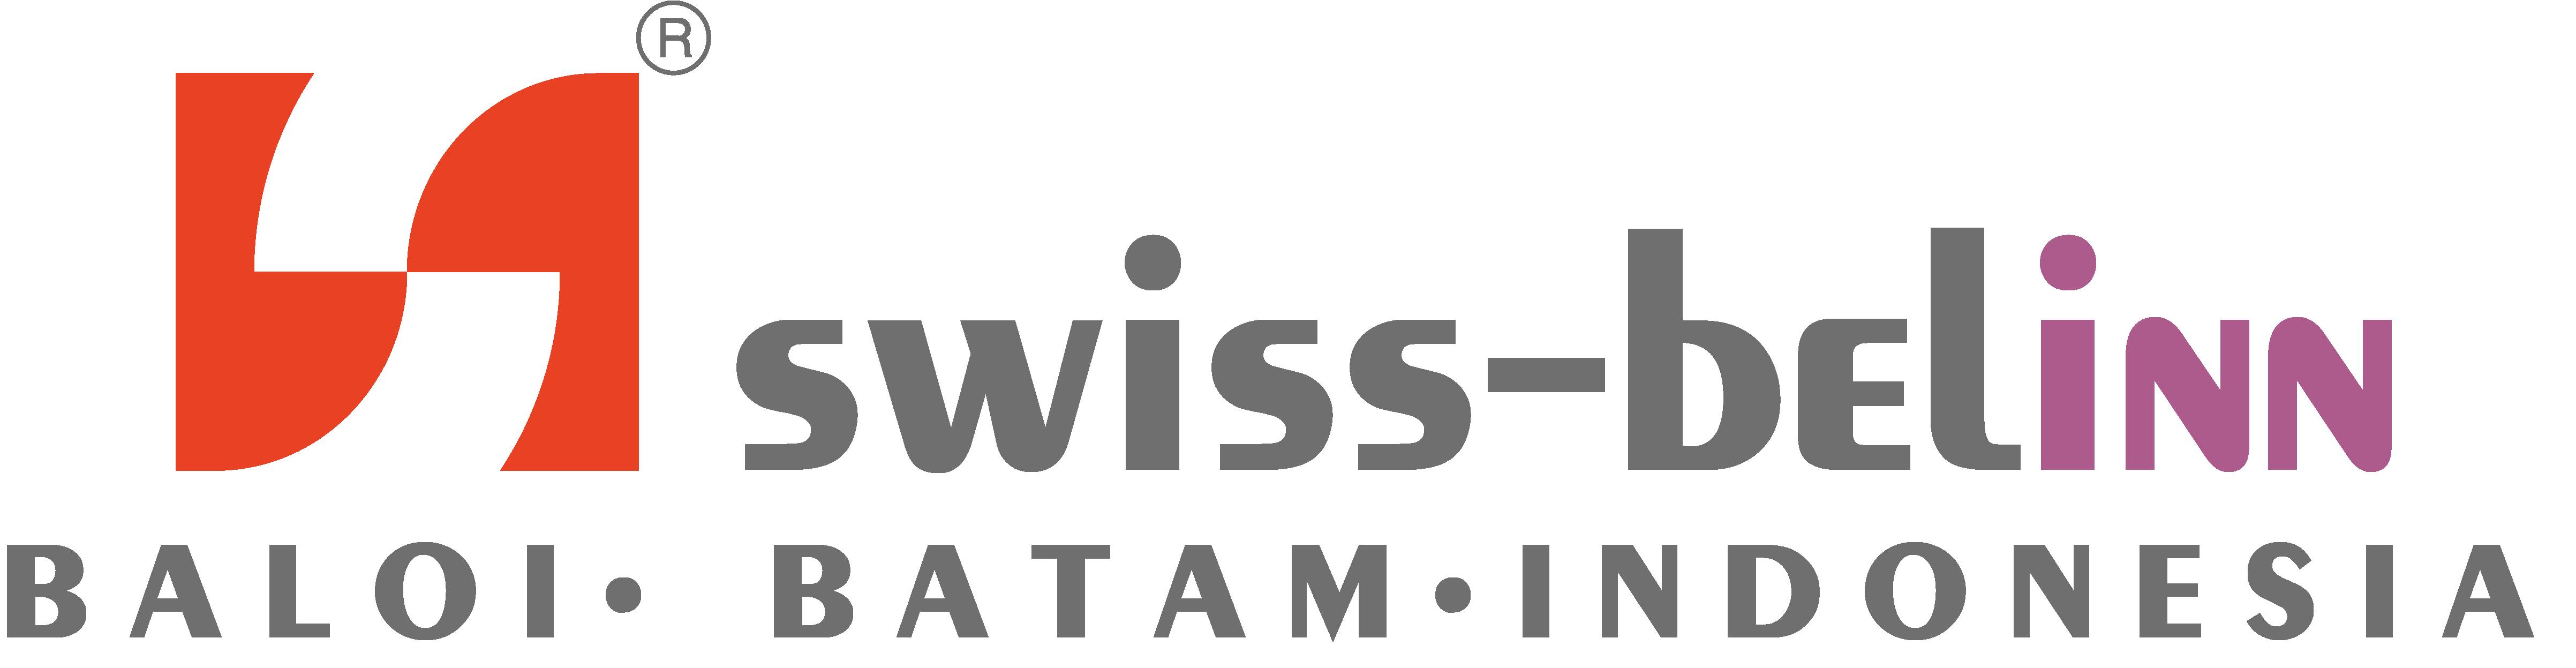 Swiss-Belinn Baloi Batam